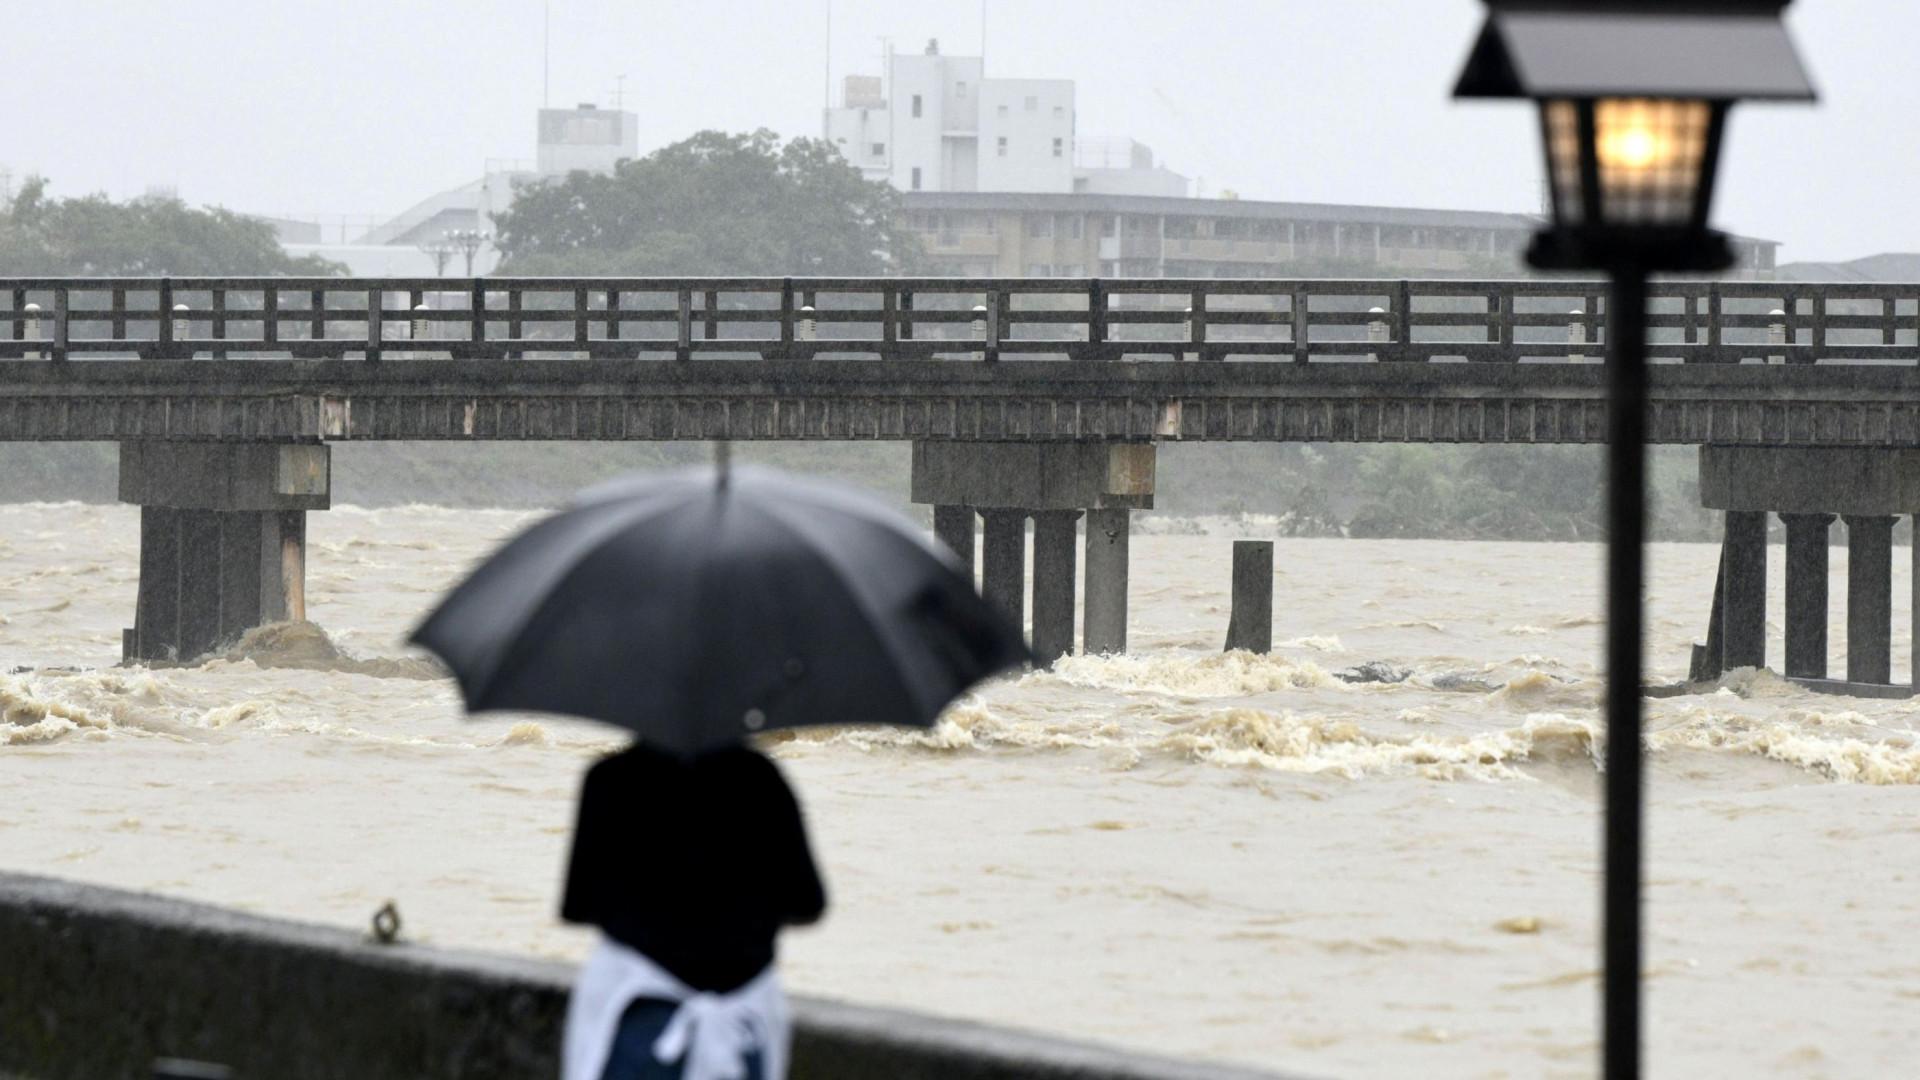 Aumenta para 66 o número de mortes devido às inundações no Japão